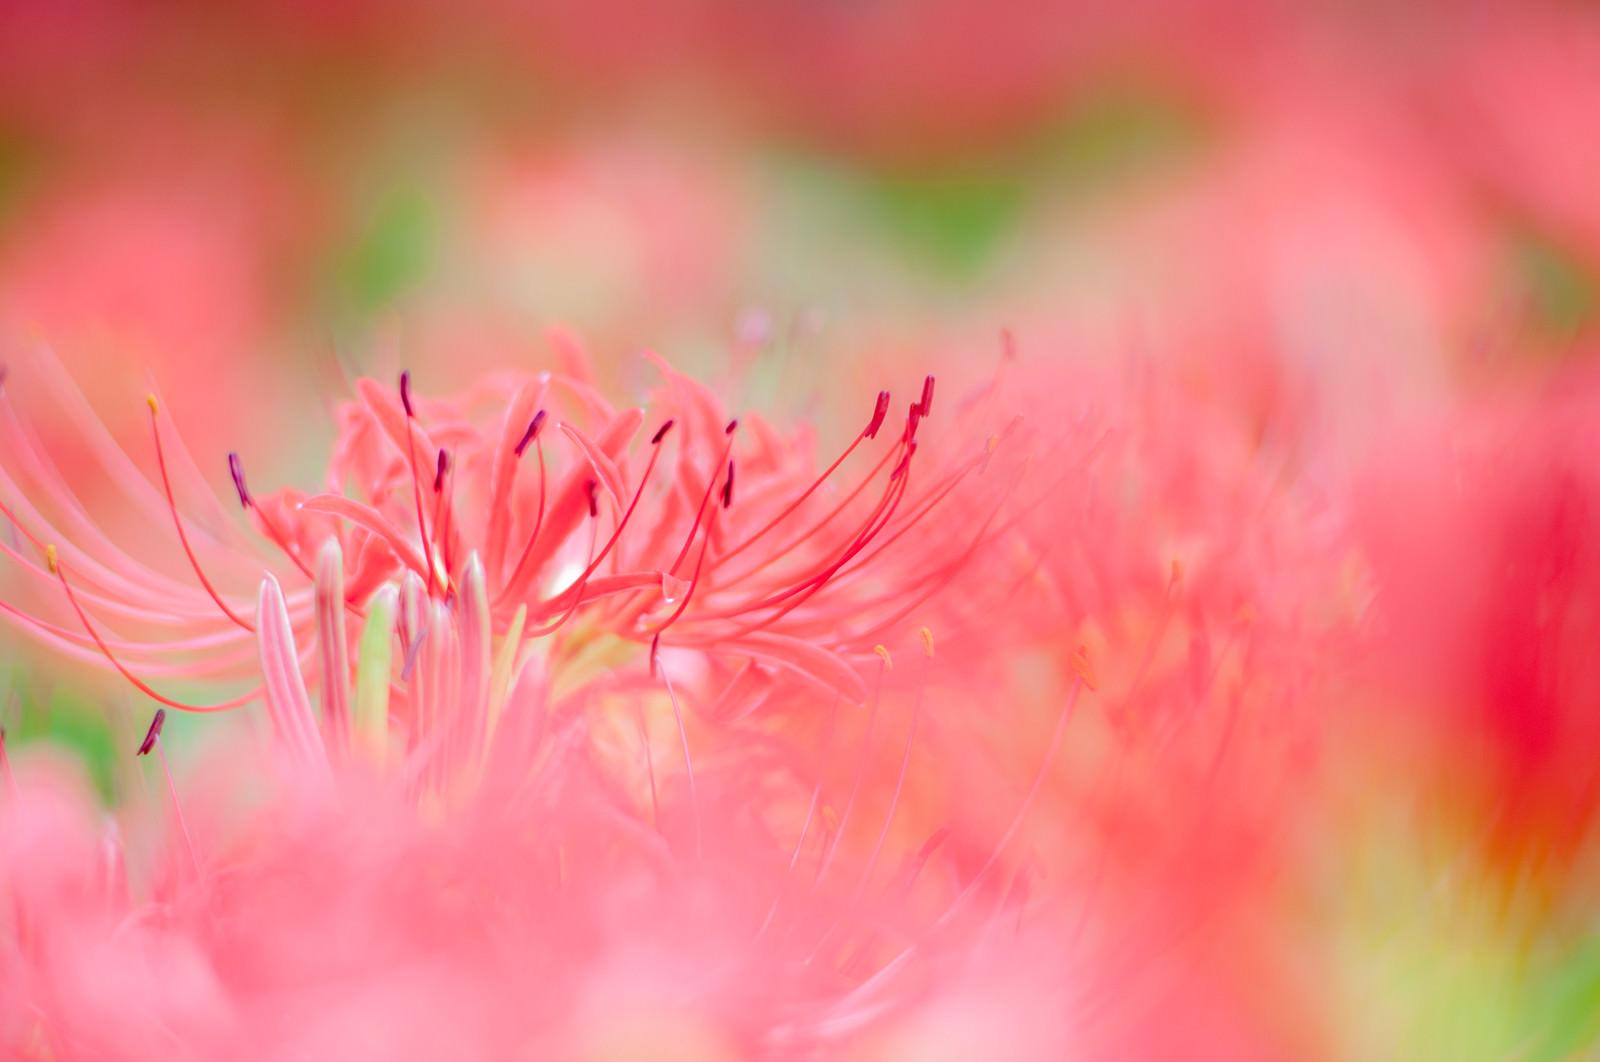 「風に揺られる彼岸花」の写真